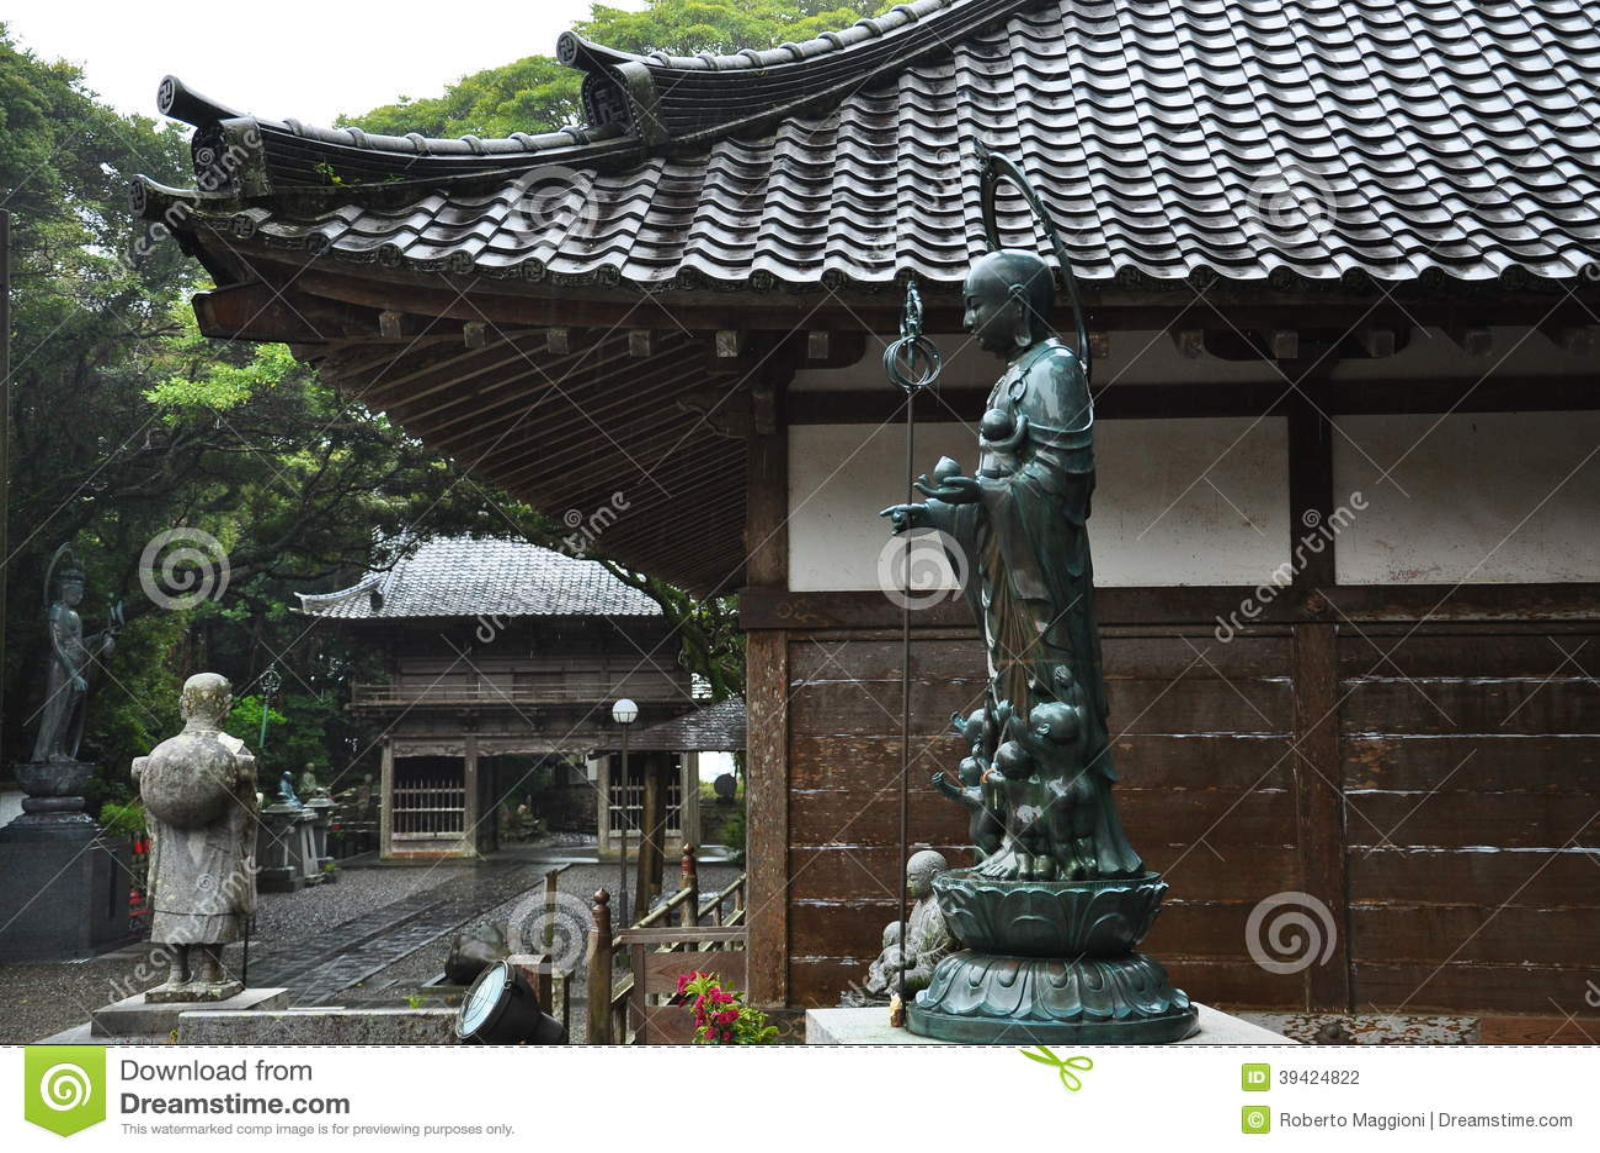 architettura tradizionale giapponese tempio buddista